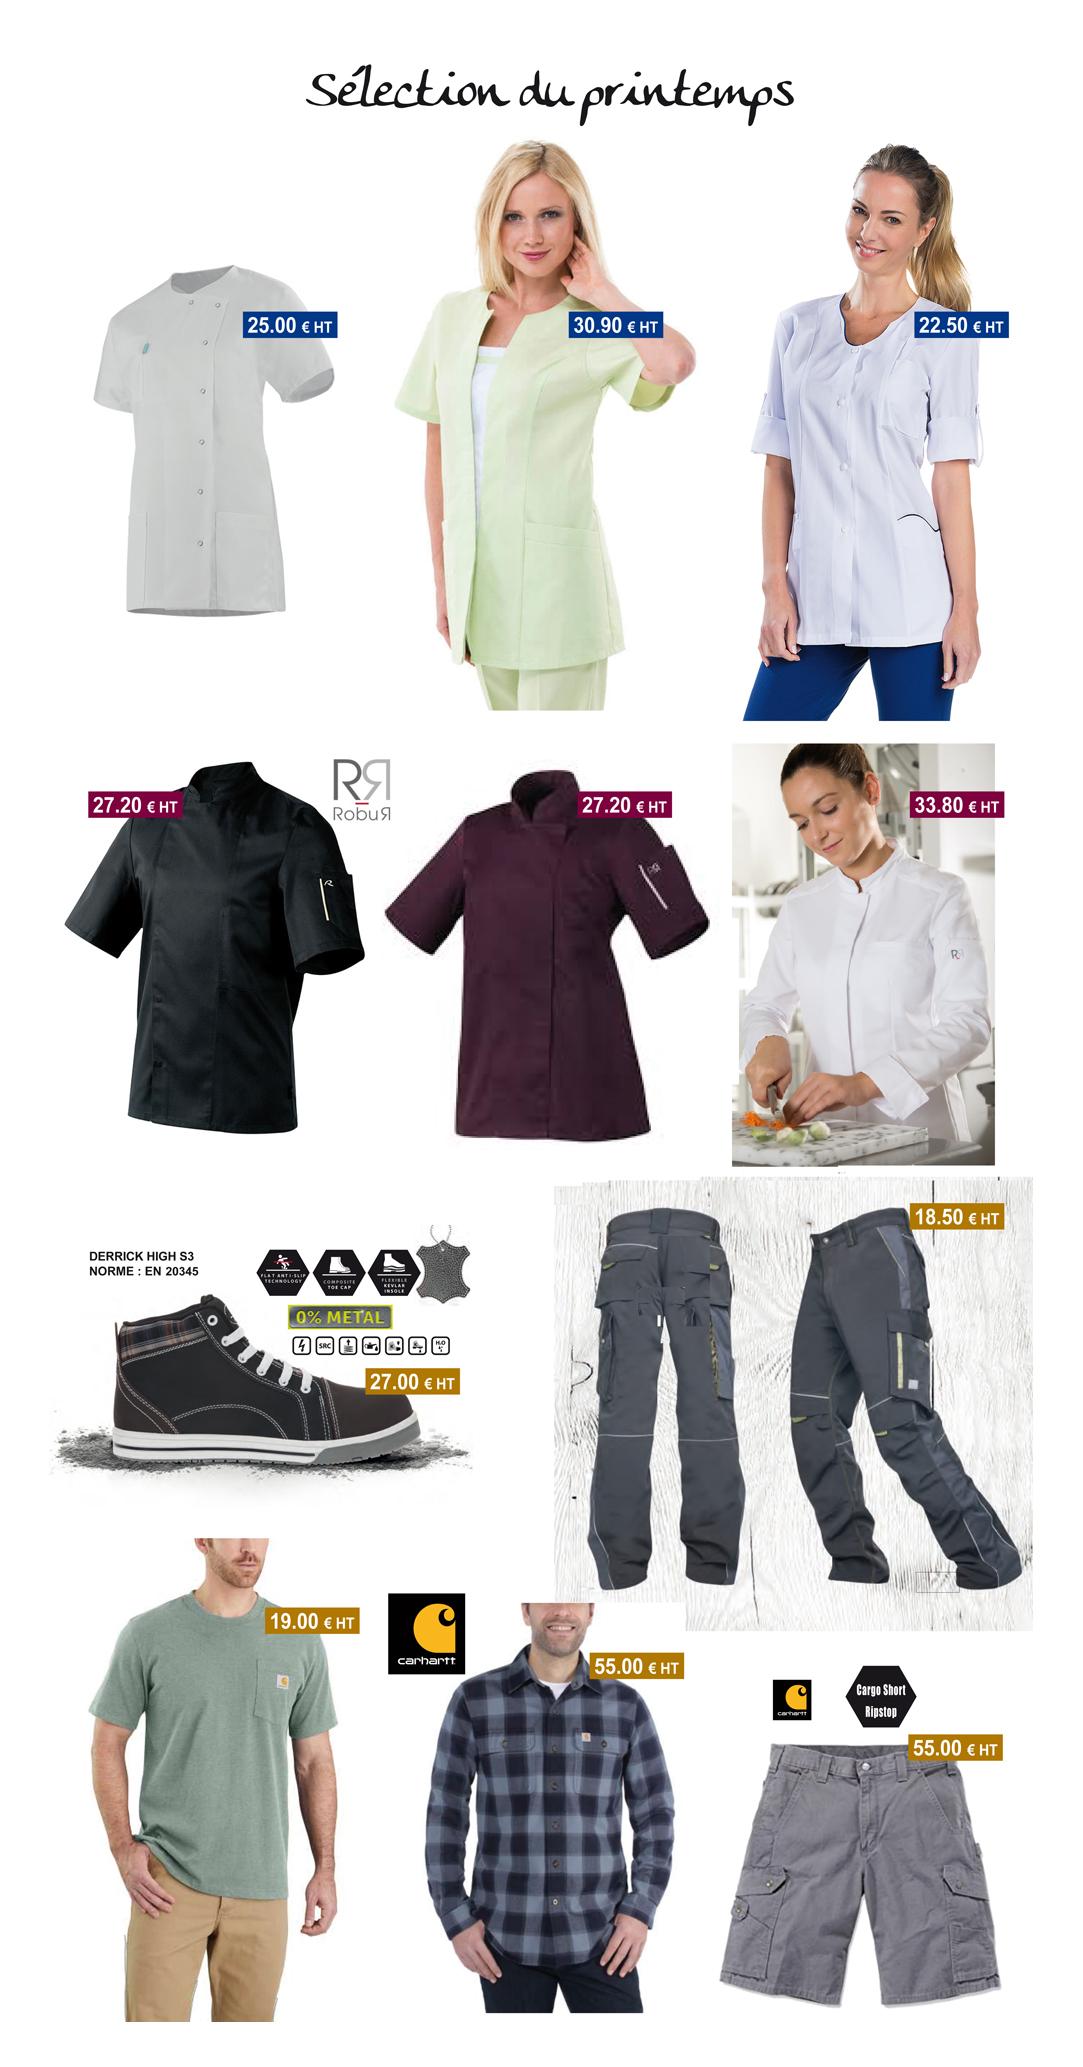 blouses médicales - vestes de cuisine - pantalons de travail - chaussures de sécurité